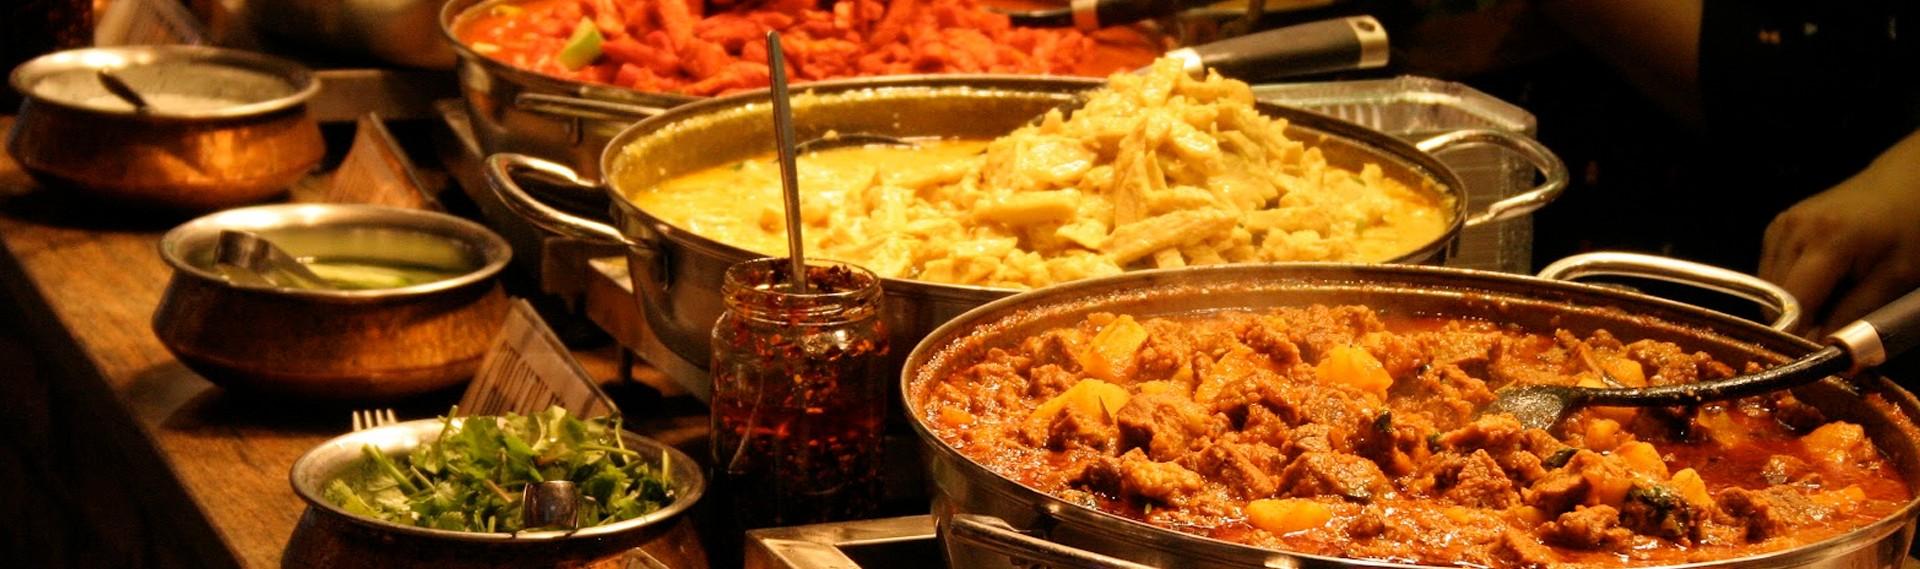 indisk buffet københavn